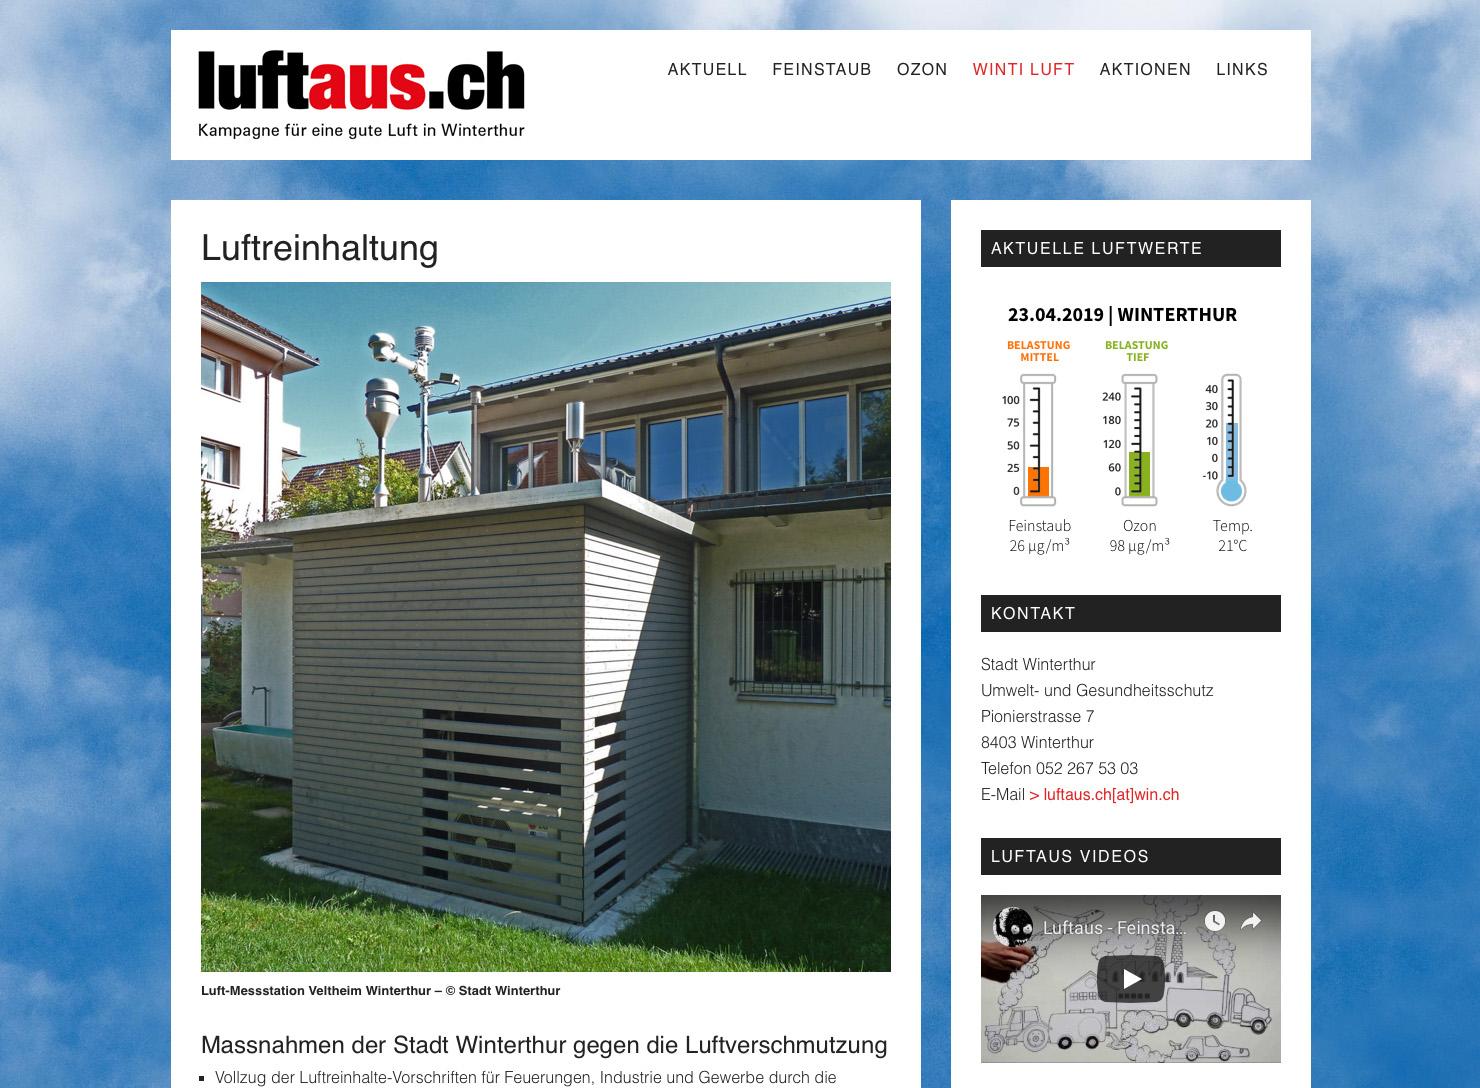 luftaus-_0003_4.jpg